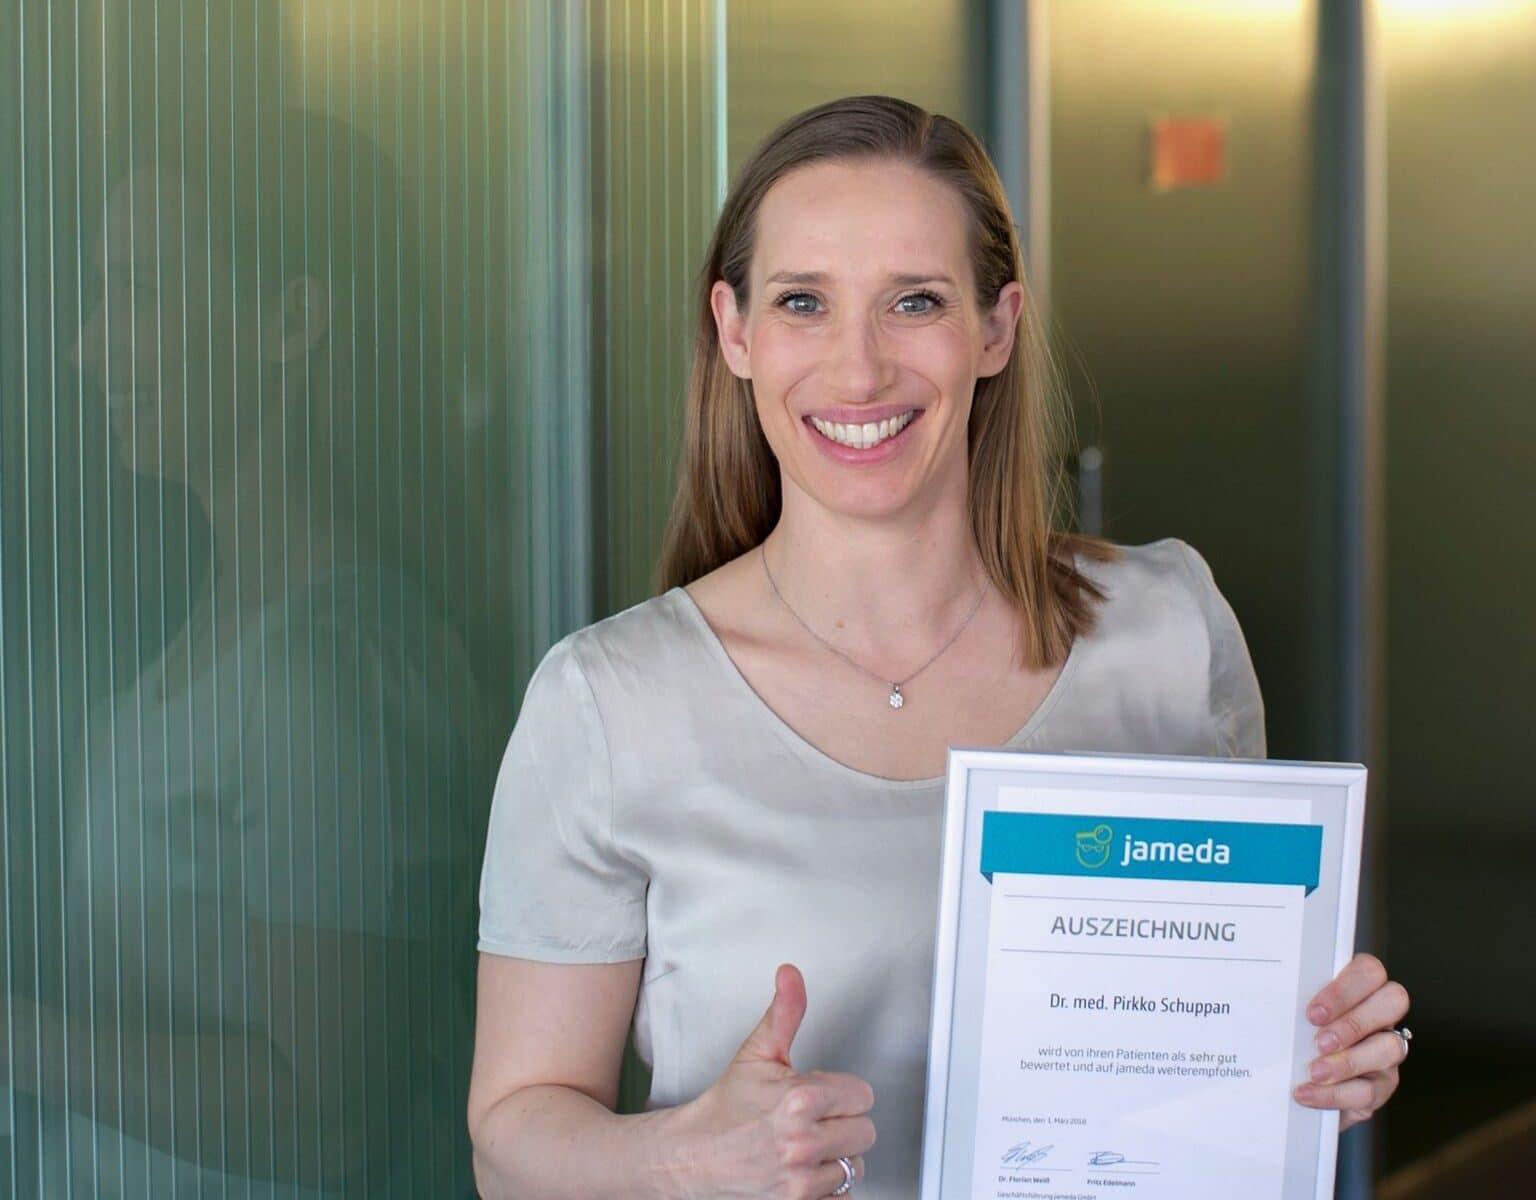 Frau Dr. Pirkko Schuppan mit einer Jameda Auszeichnung